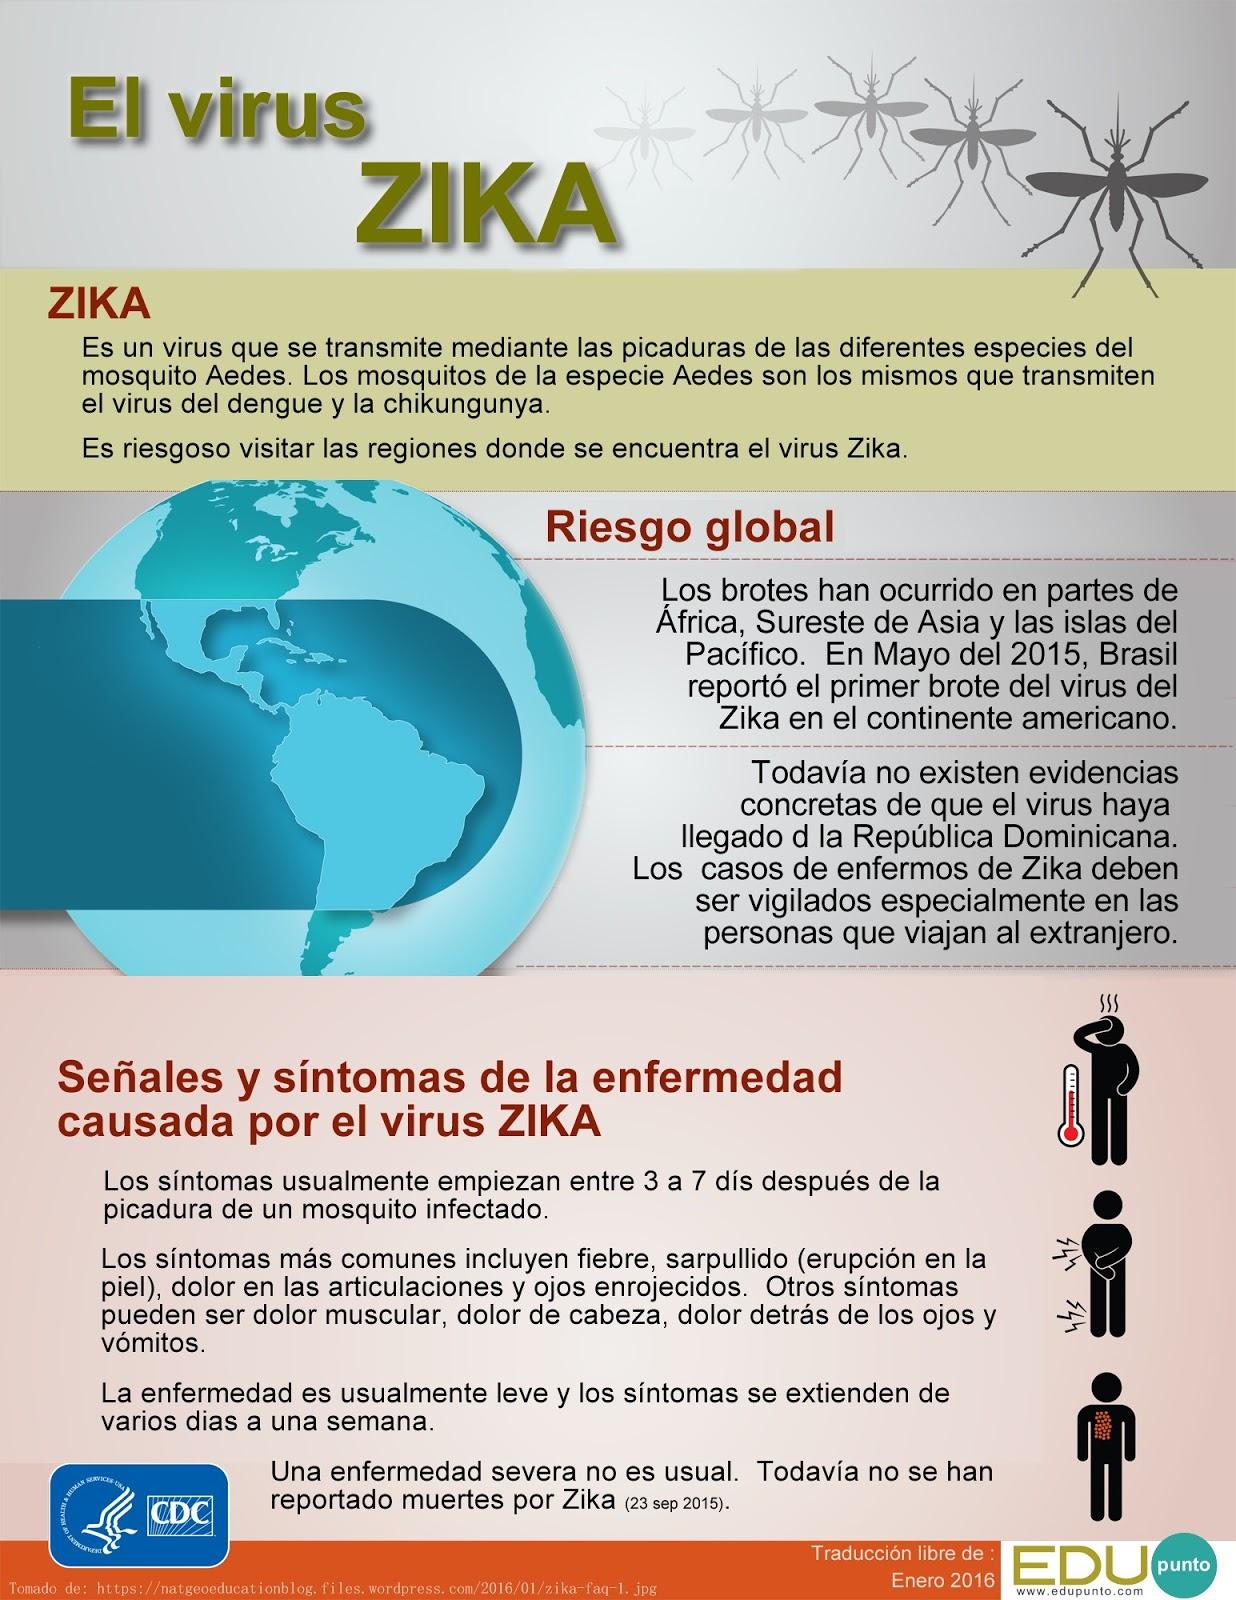 edupunto,enfermedad,infeccion,dominicana,salud